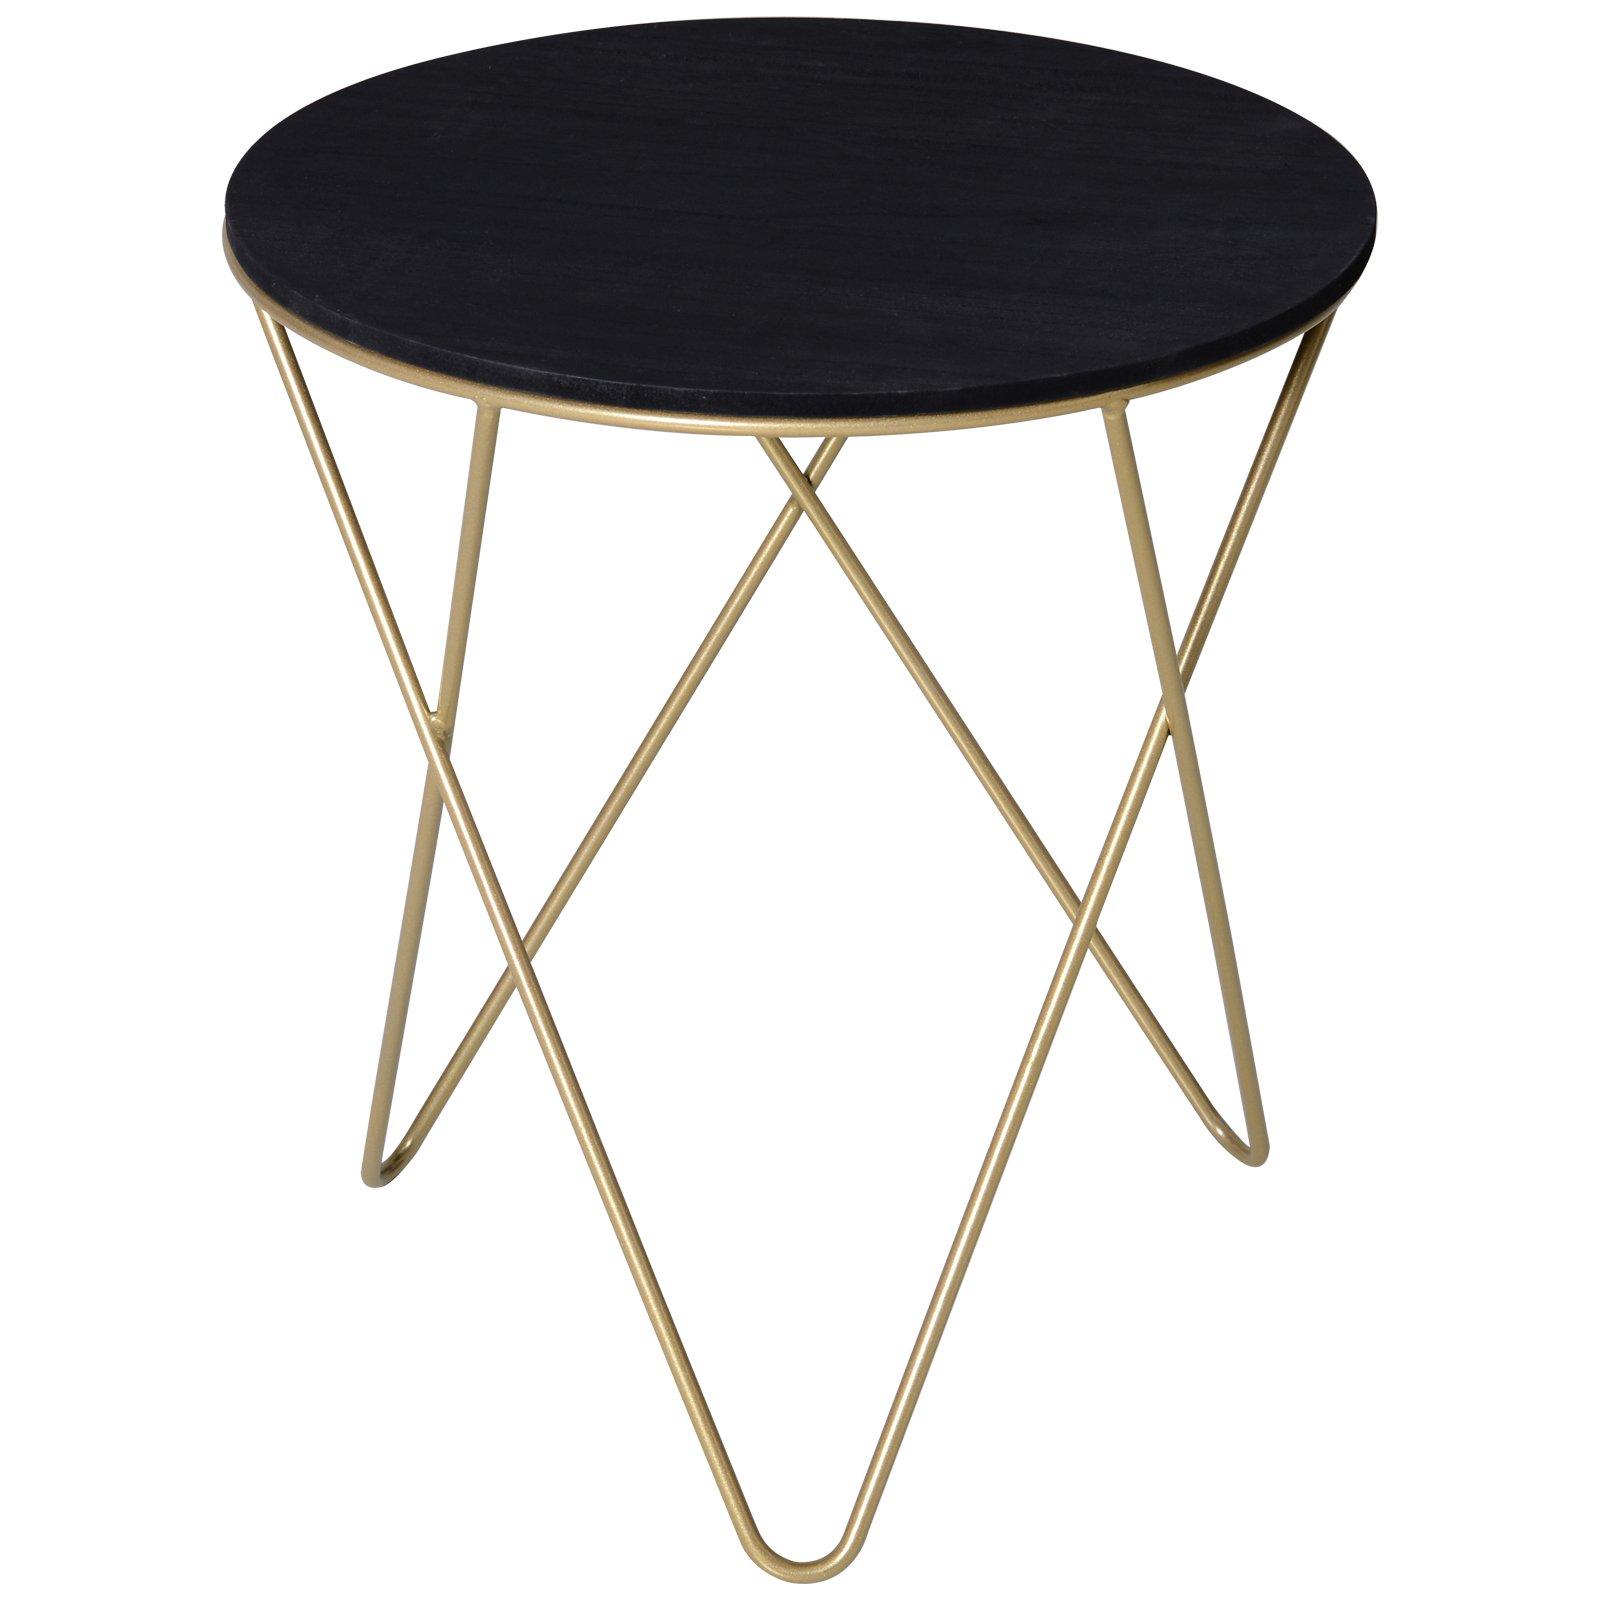 Homcom Tavolino Design Geometrico Moderno MDF e Metallo Φ43x48cm Nero e Dorato